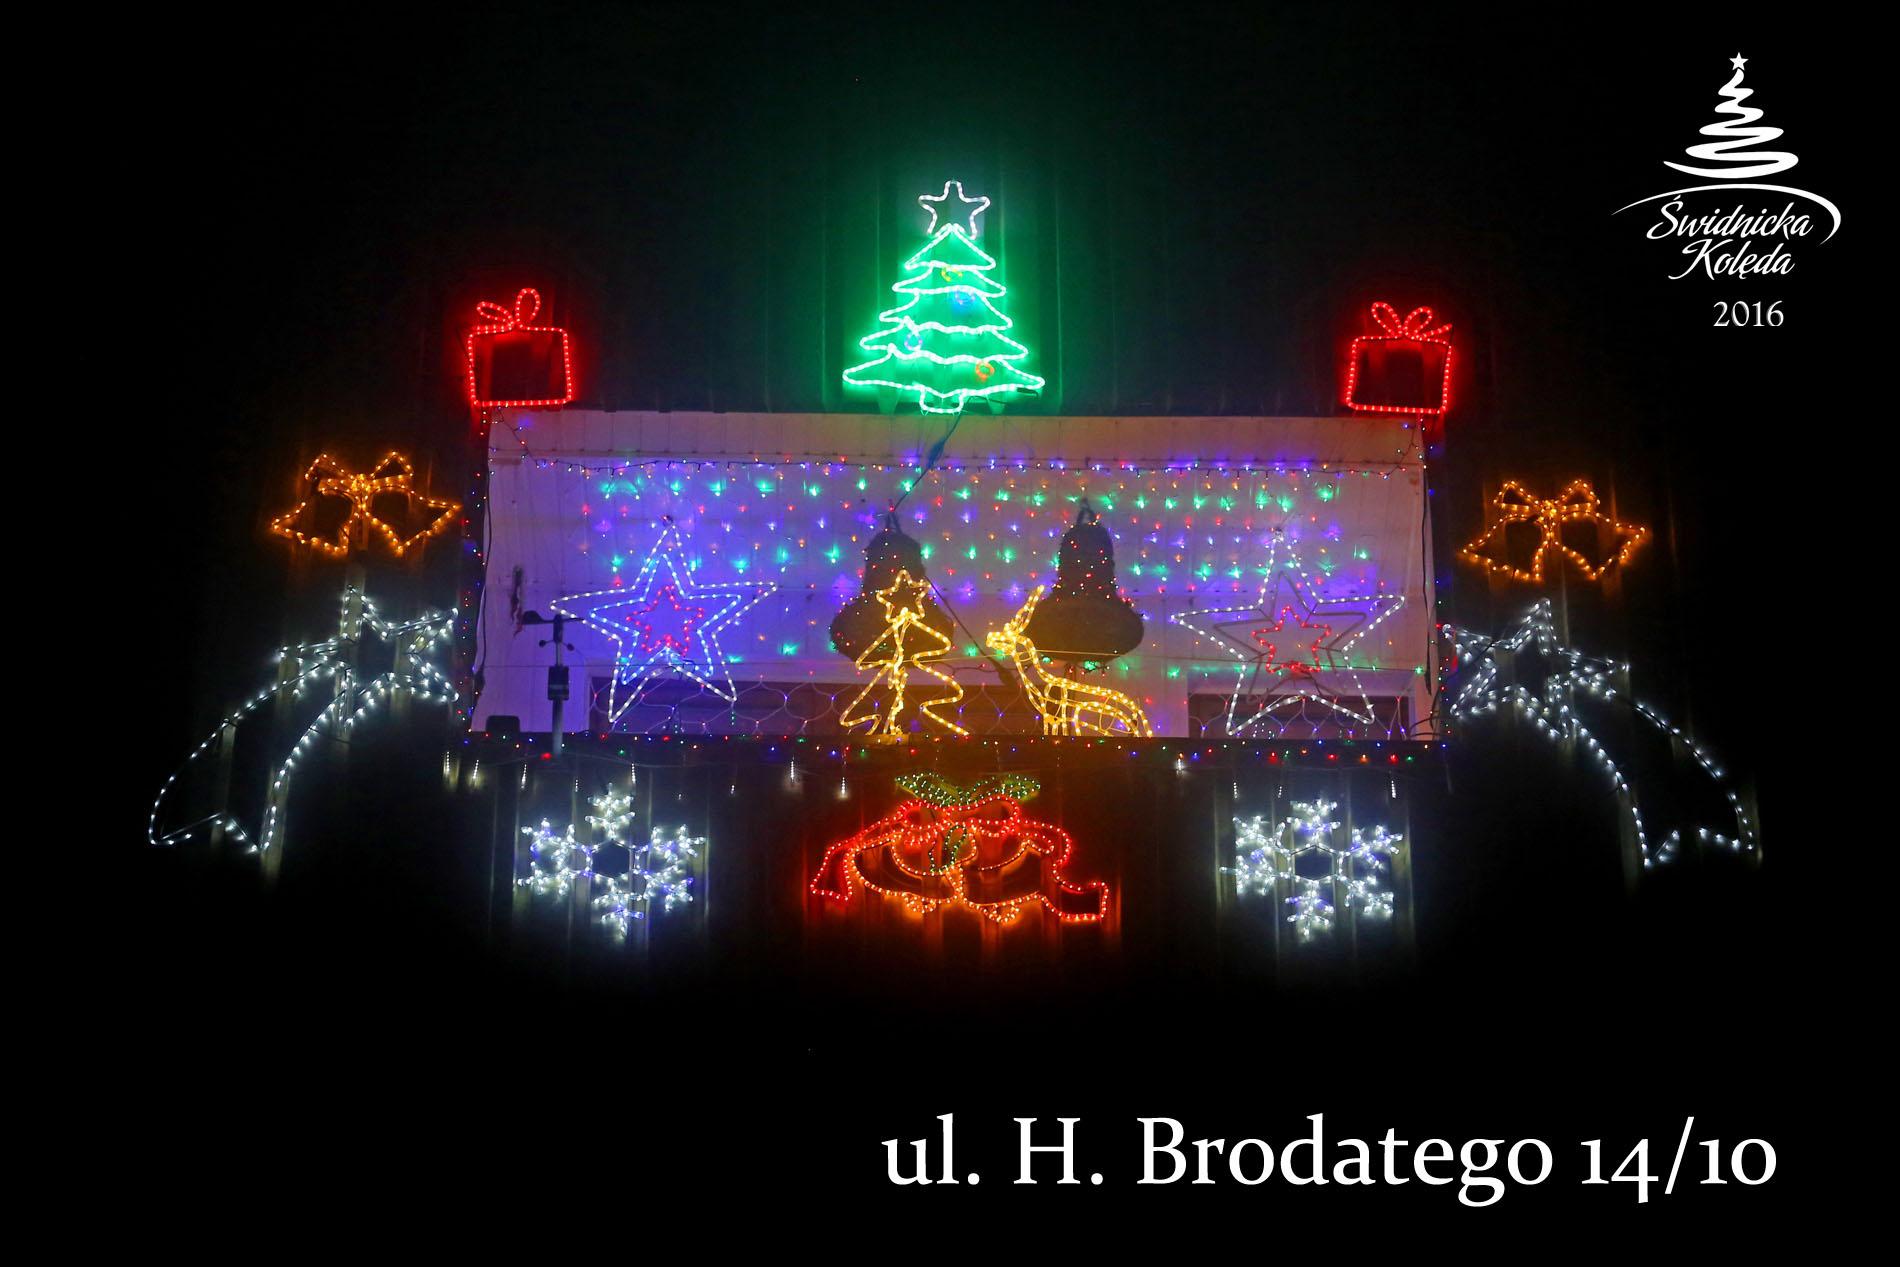 iii_brodatego14m10